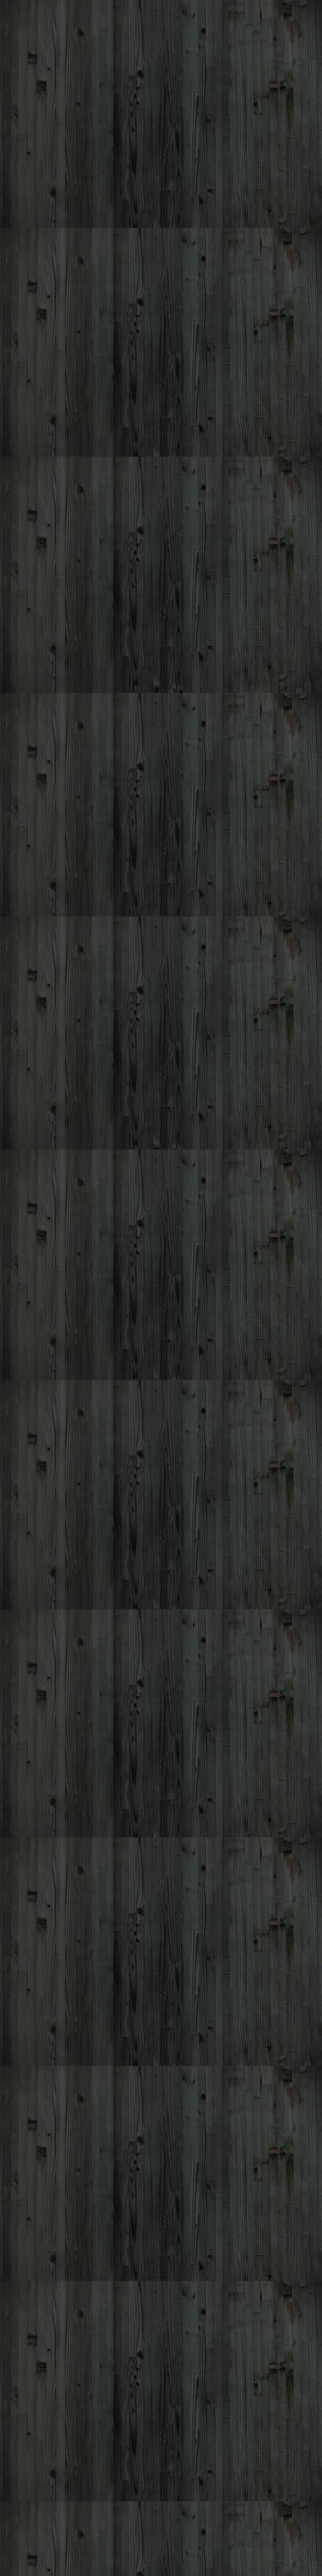 黒木目背景.png